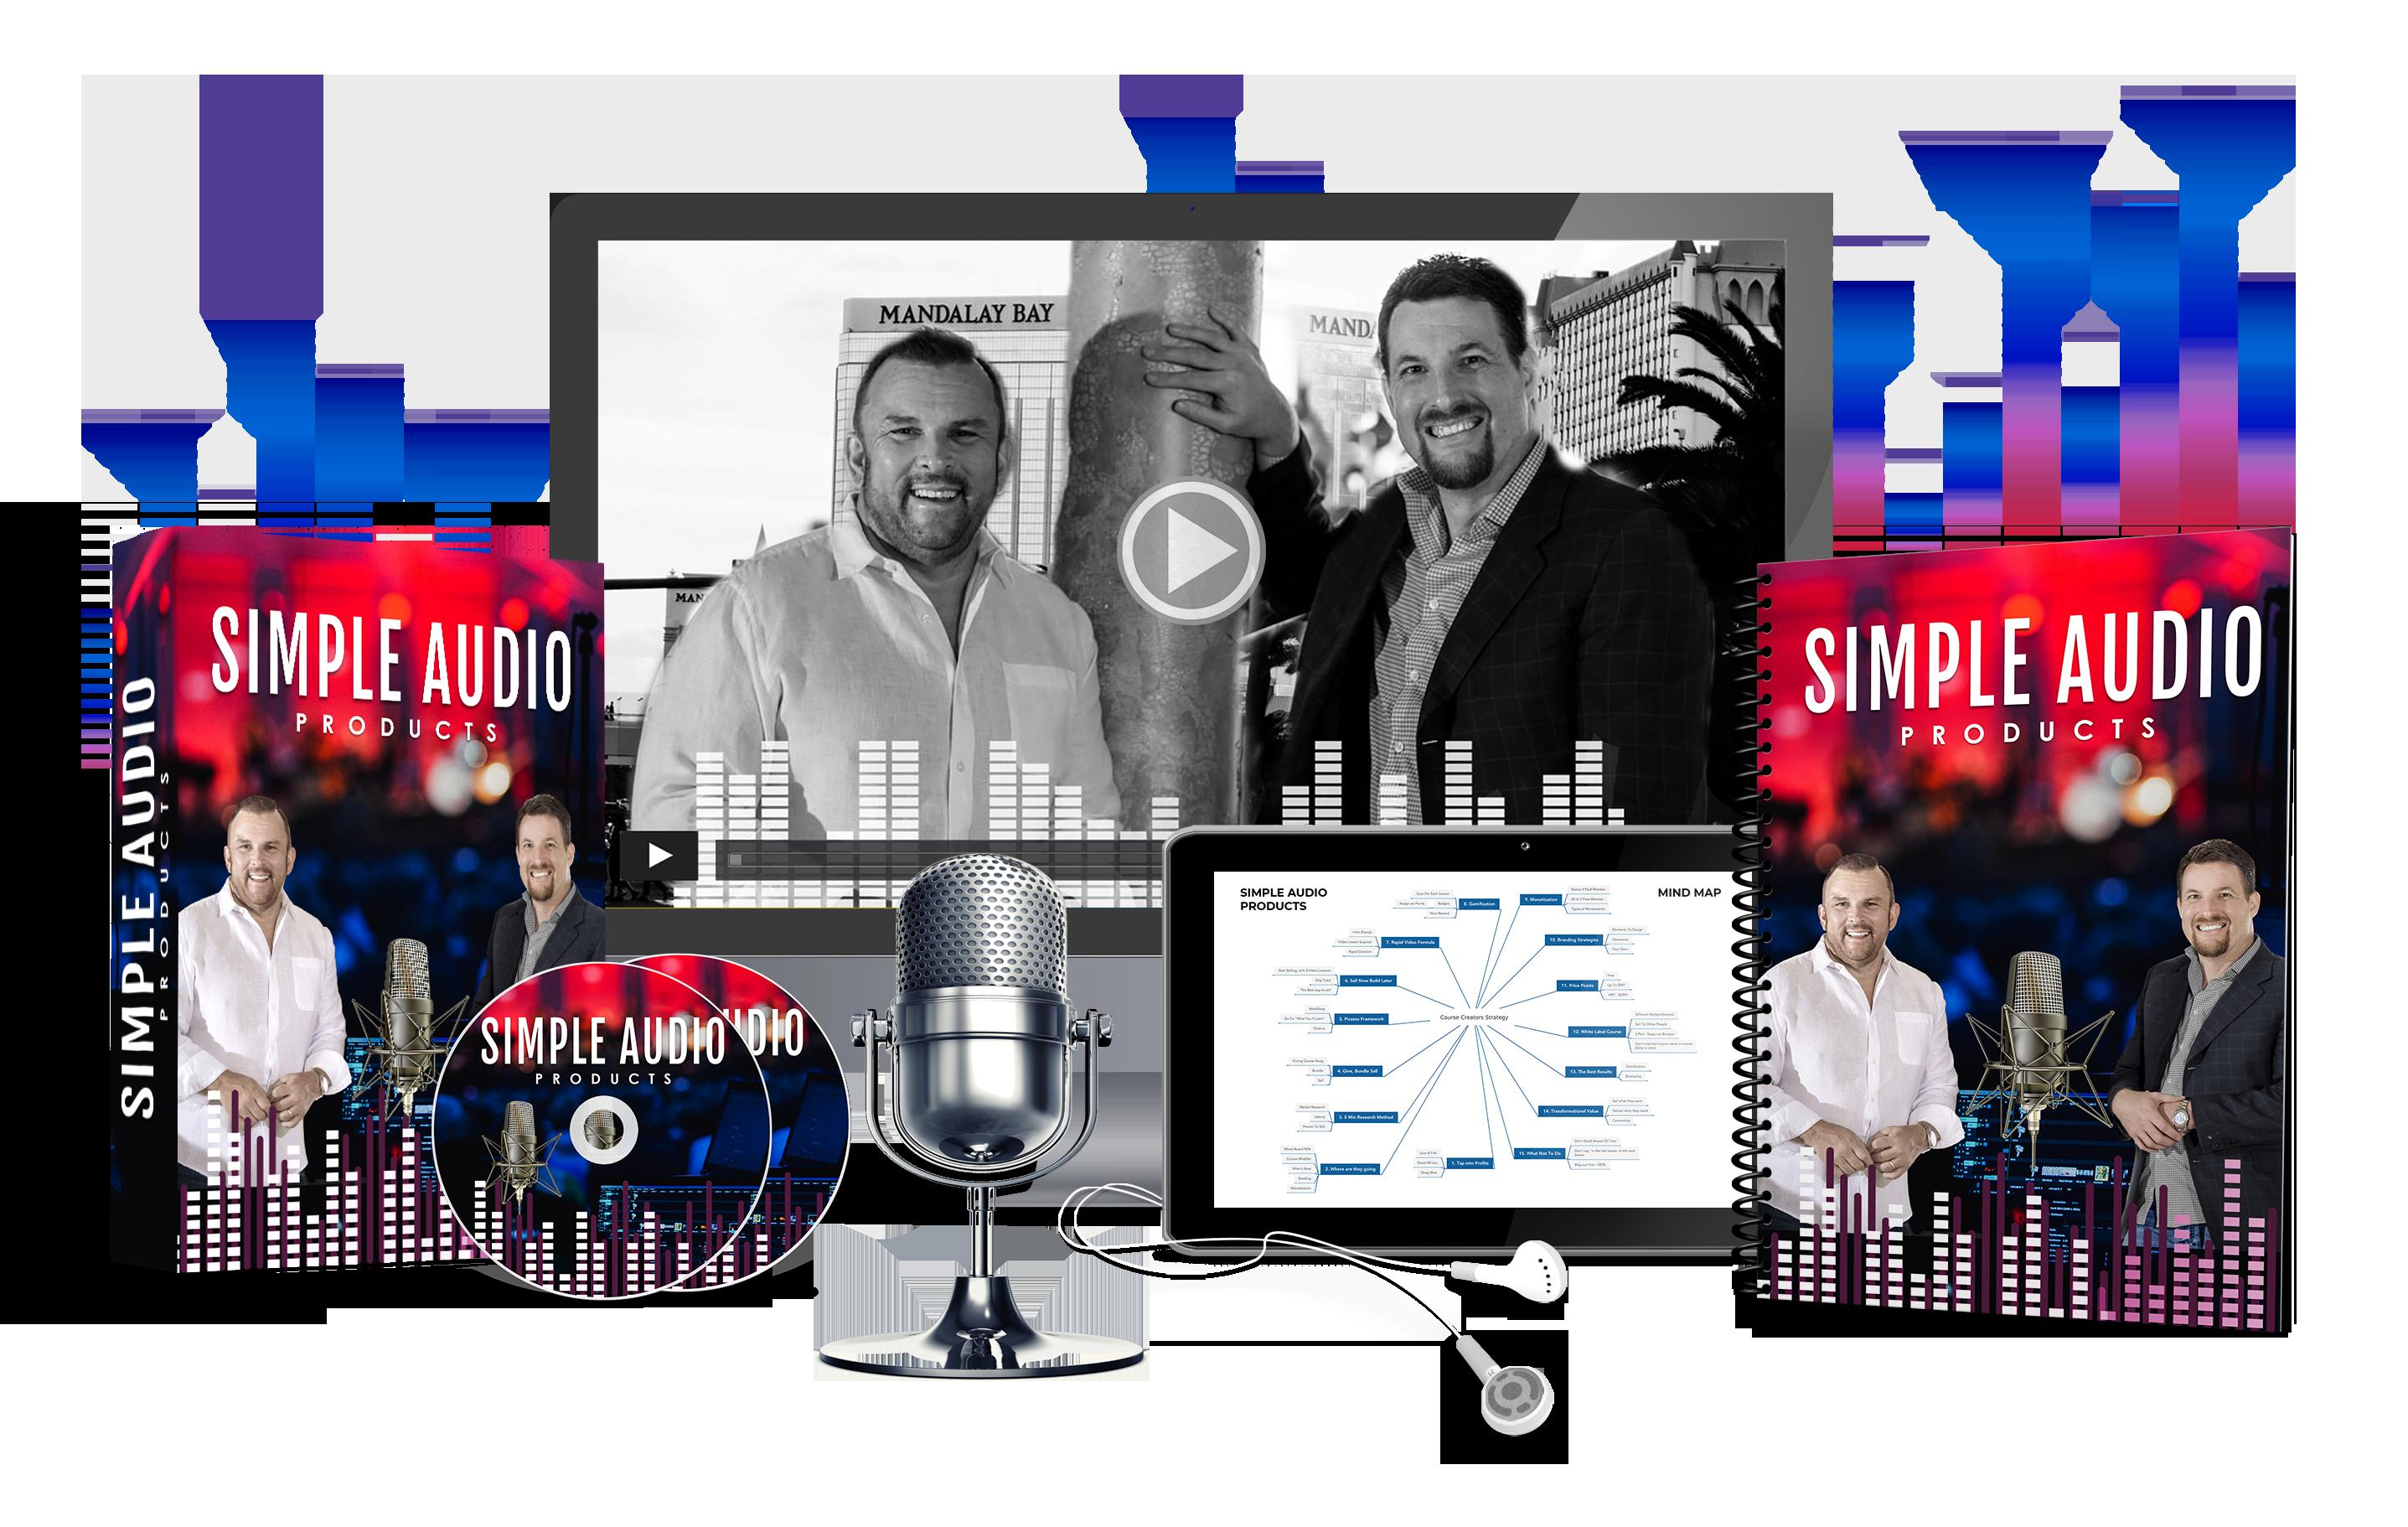 Votre premier bonus gratuit: Simple Audio Product